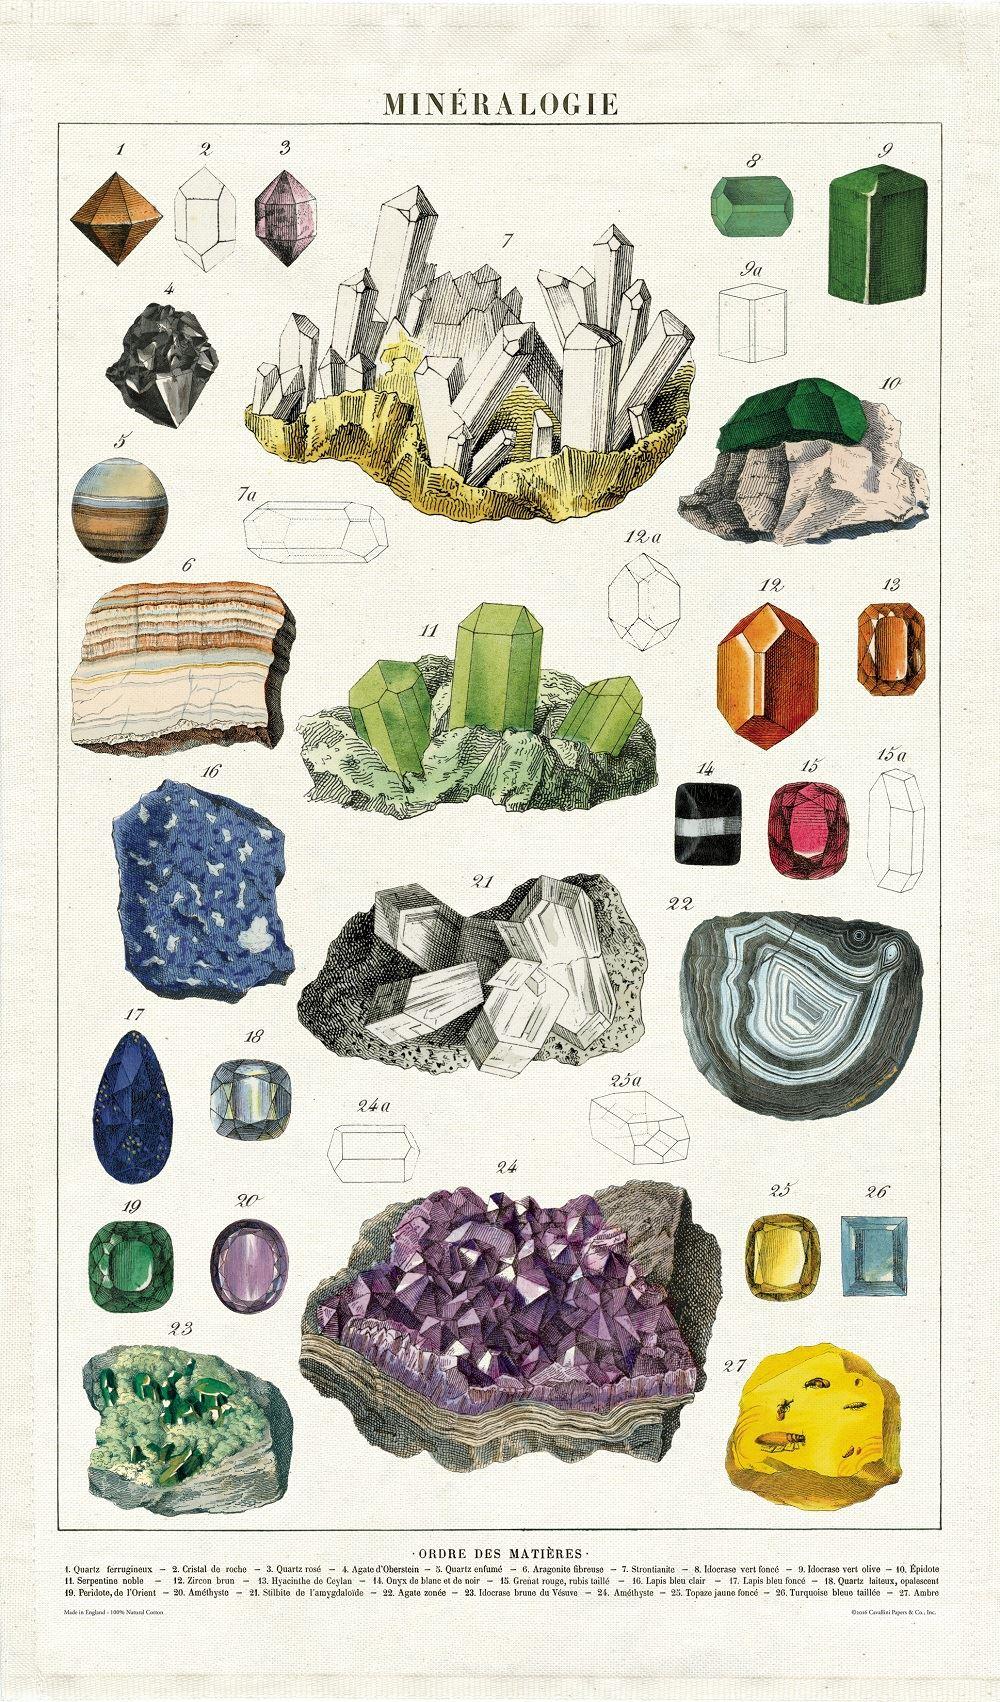 CAVALLINI 100/% coton naturel Vintage Torchon Mineralogy 80 x 47cms